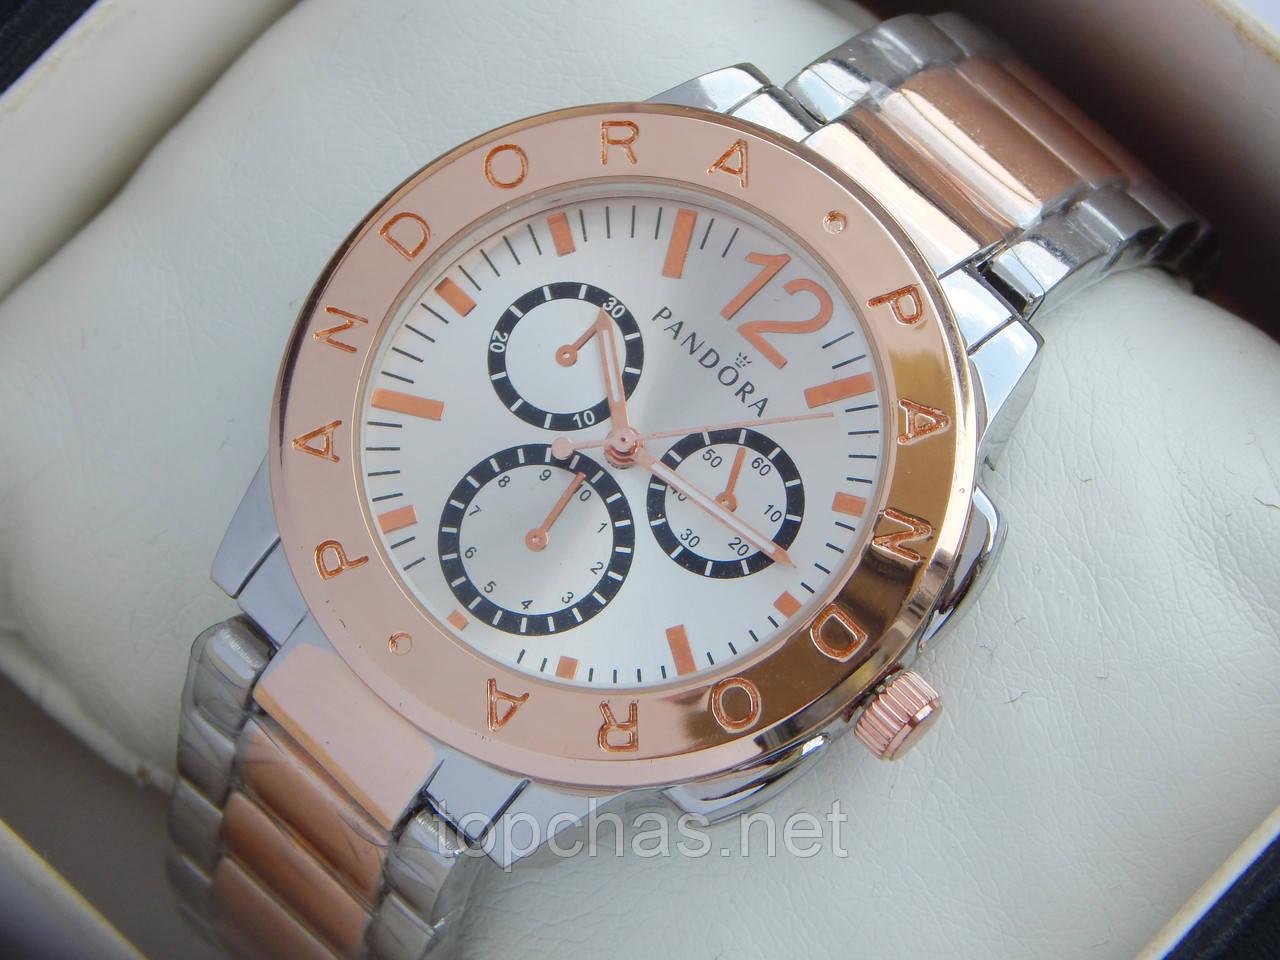 Женские кварцевые наручные часы Pandora комбинированные, розовое золото -  Top Chas - Интернет магазин Вашего b2f858230d3